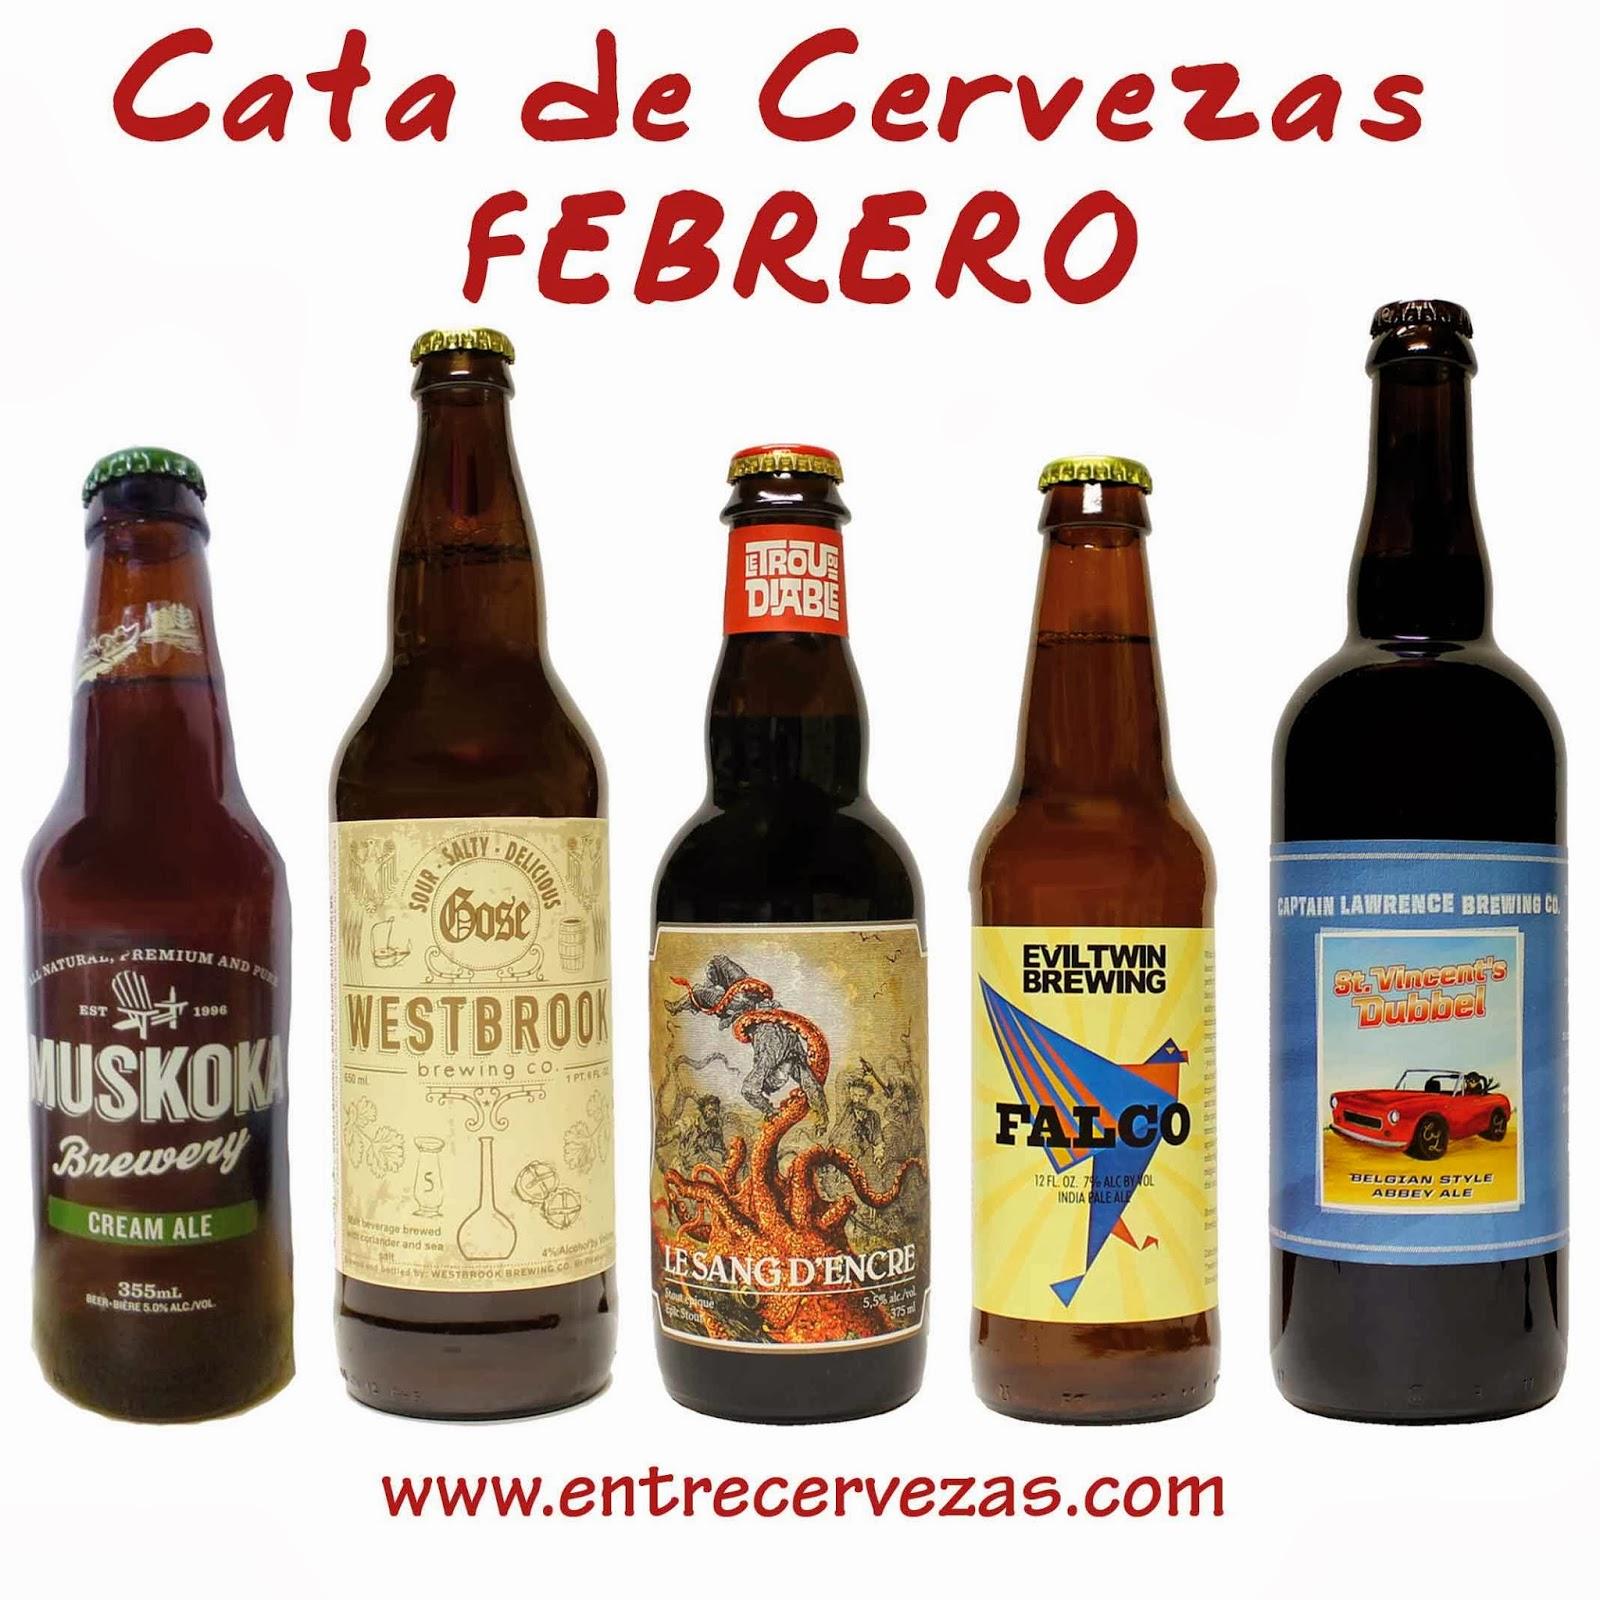 http://entrecervezas.com/catas-de-cerveza/4435-cata-cervezas.html